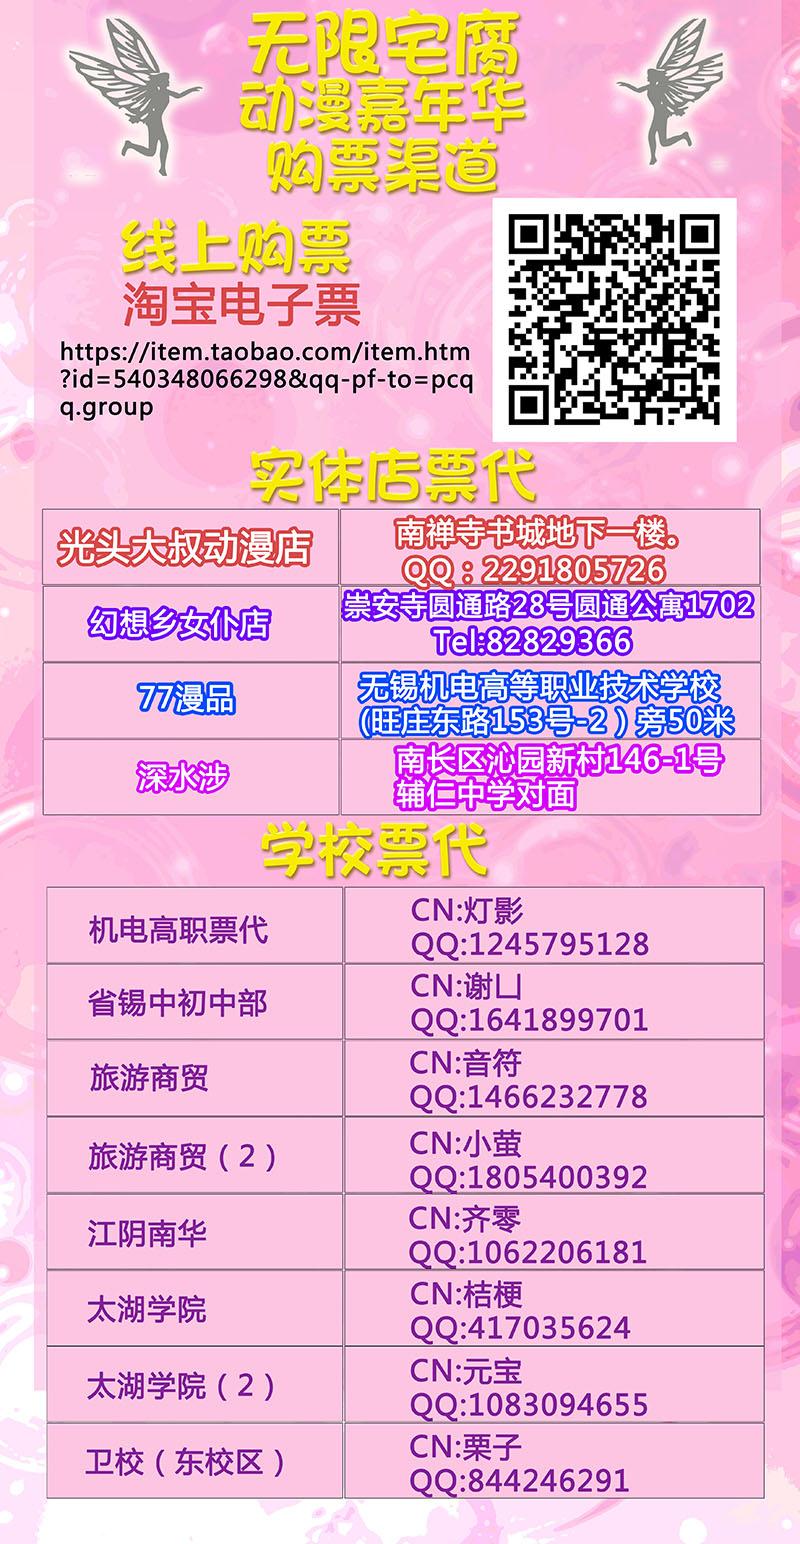 09 1 无限宅腐动漫嘉年华——ZF11日本人气舞见melochin&ririri、人气coser夕楼强势登场